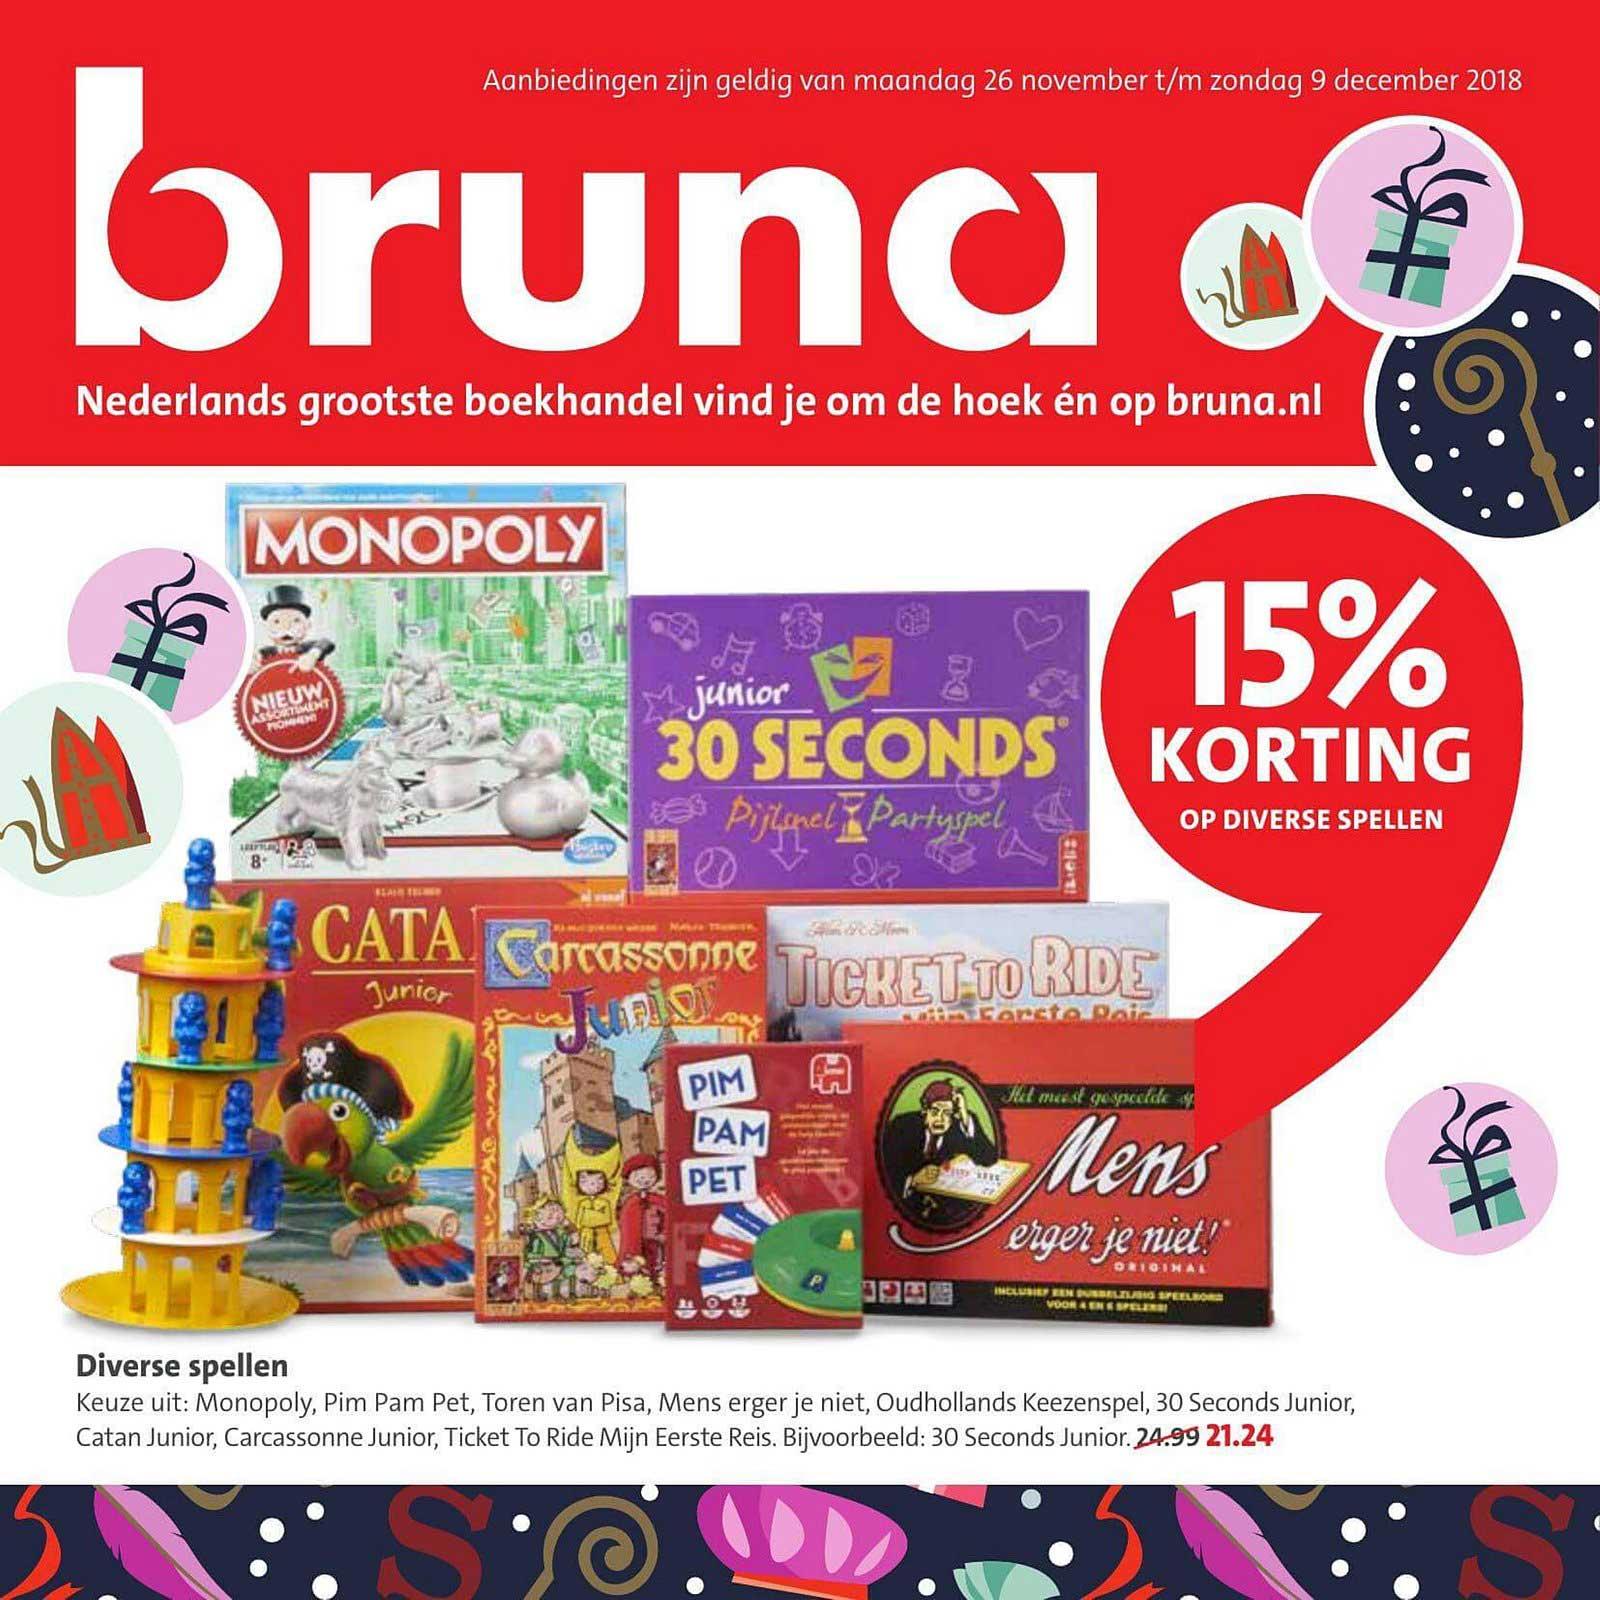 Bruna 15% Korting Op Diverse Spellen